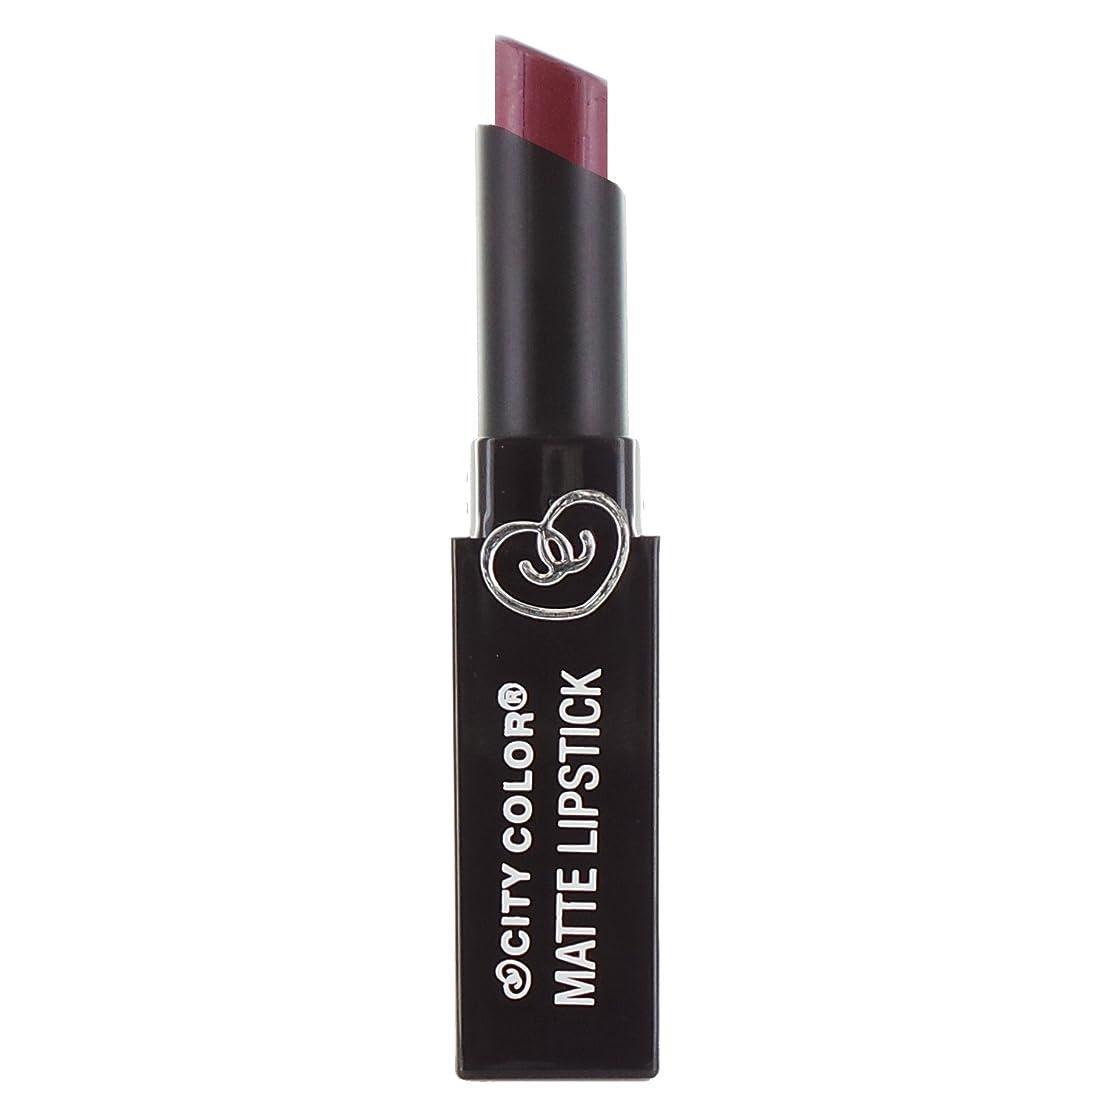 検索クーポンオーケストラCITY COLOR Matte Lipstick L0050D - Cabernet (並行輸入品)